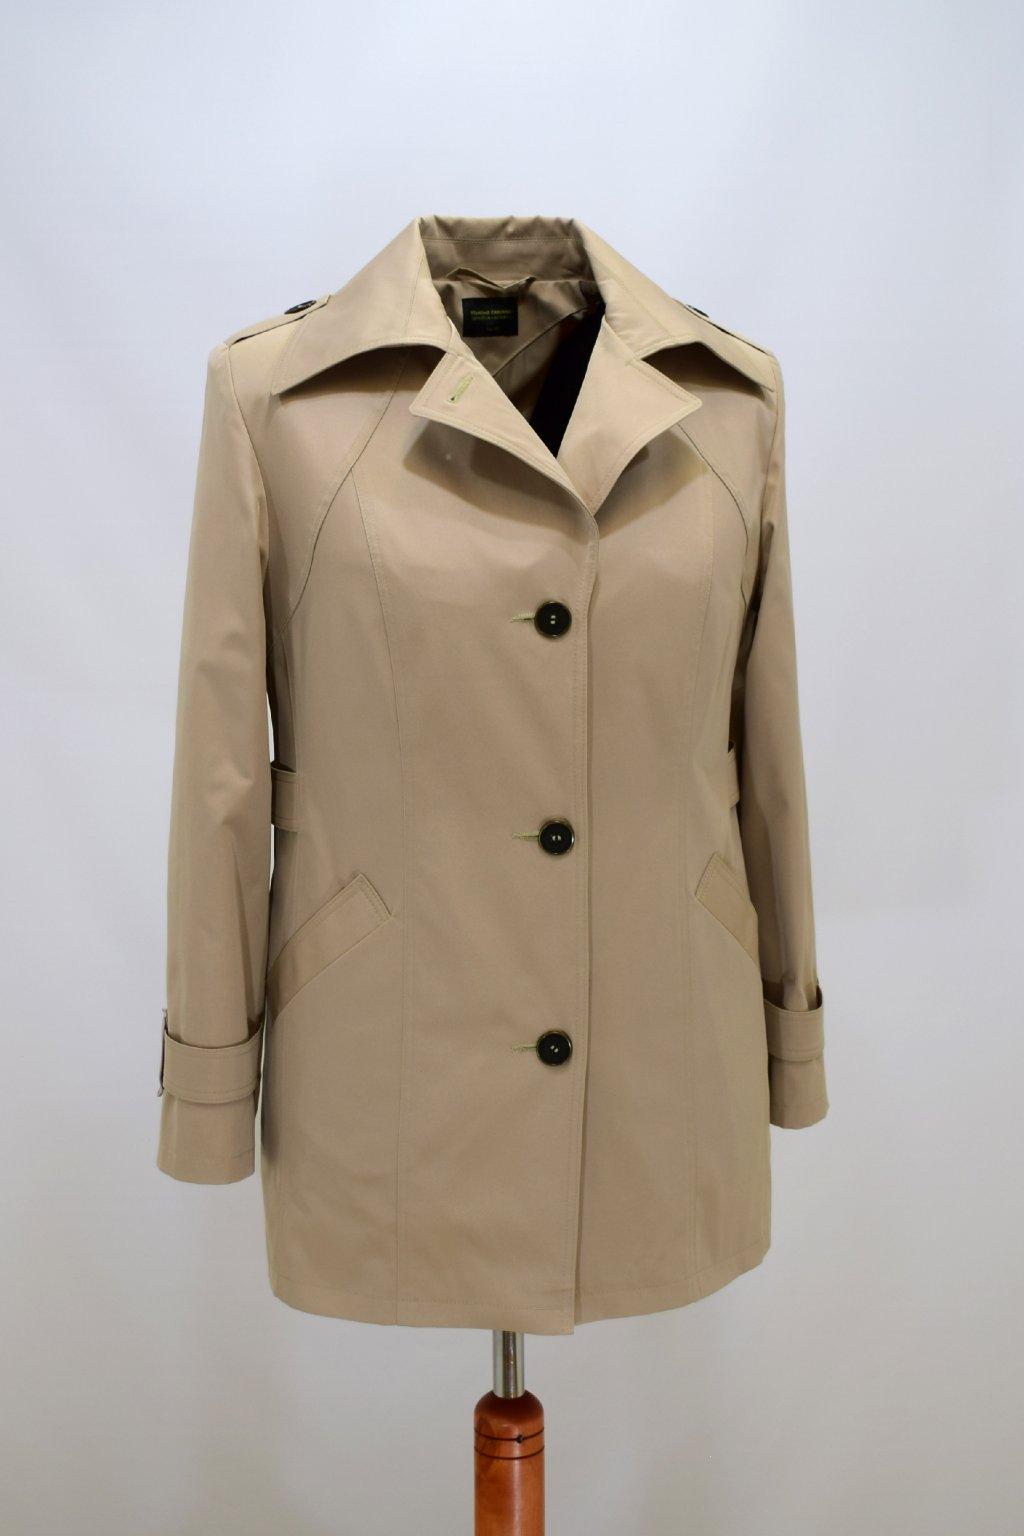 Dámský béžový jarní kabátek Klára nadměrné velikosti.